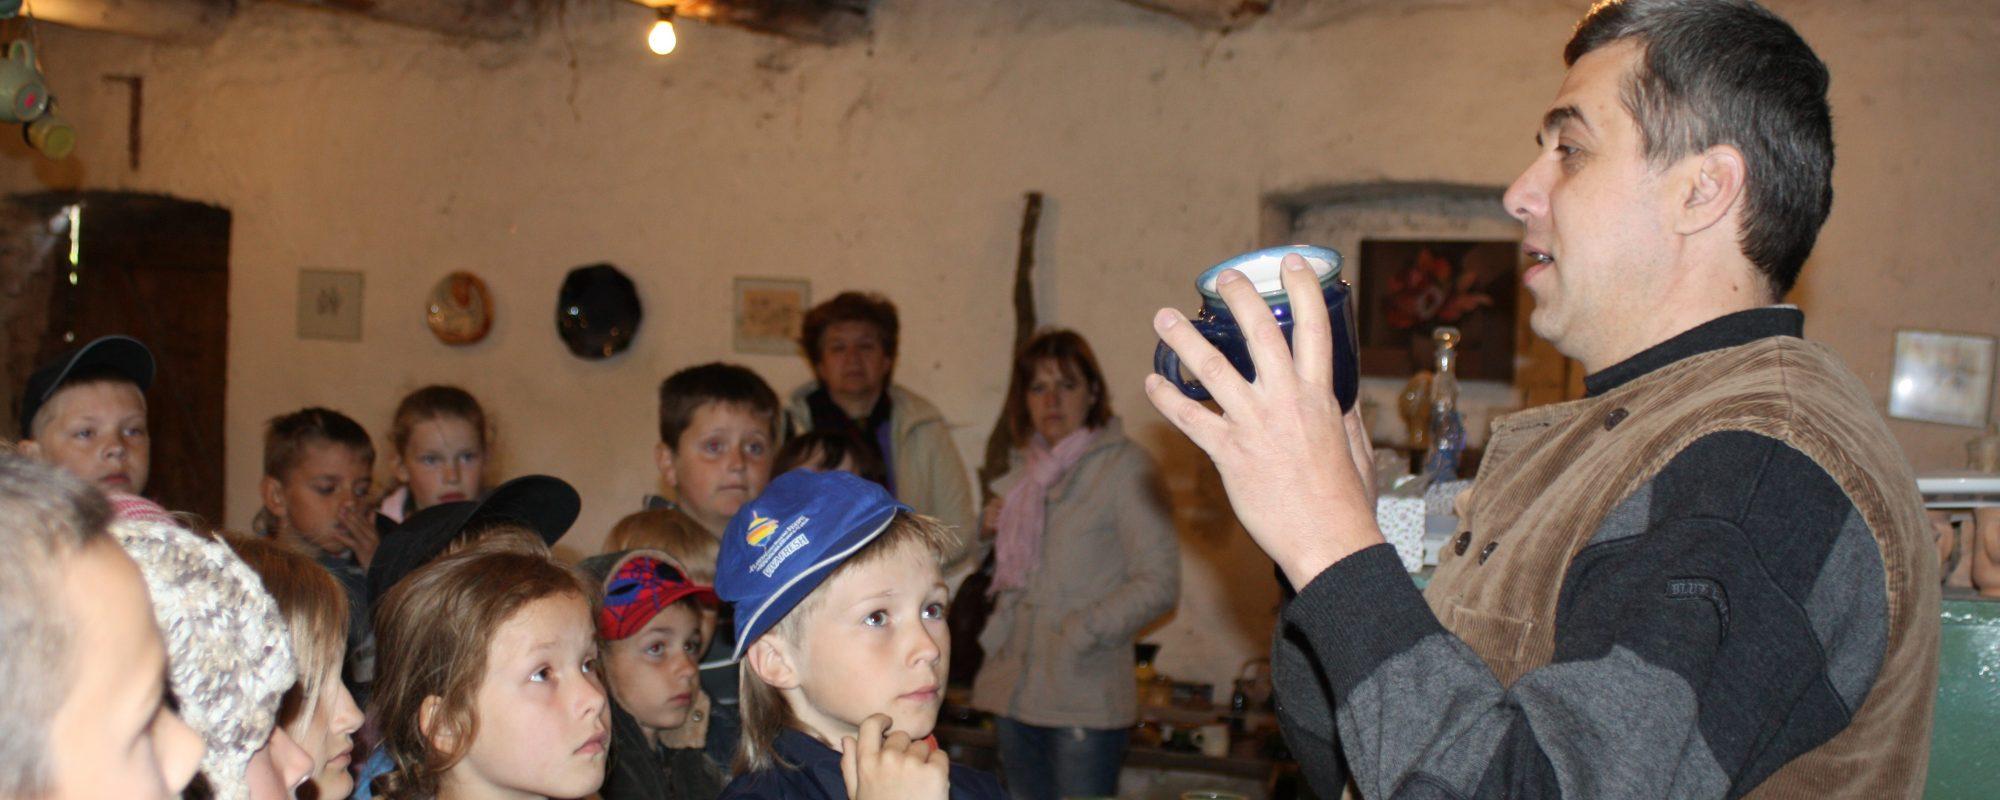 virzas_keramika_attels (24)2